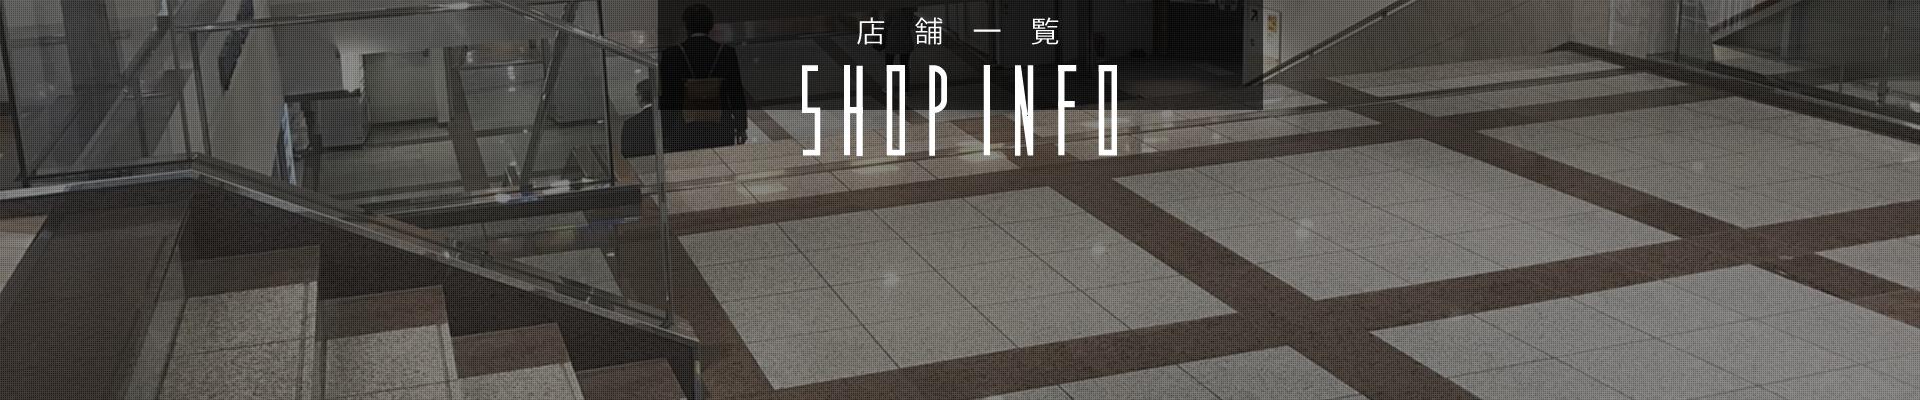 生活・サービス | 店舗一覧 | 福岡市博多区の朝日ビル・センタービルの地下街 サンプラザ商店街